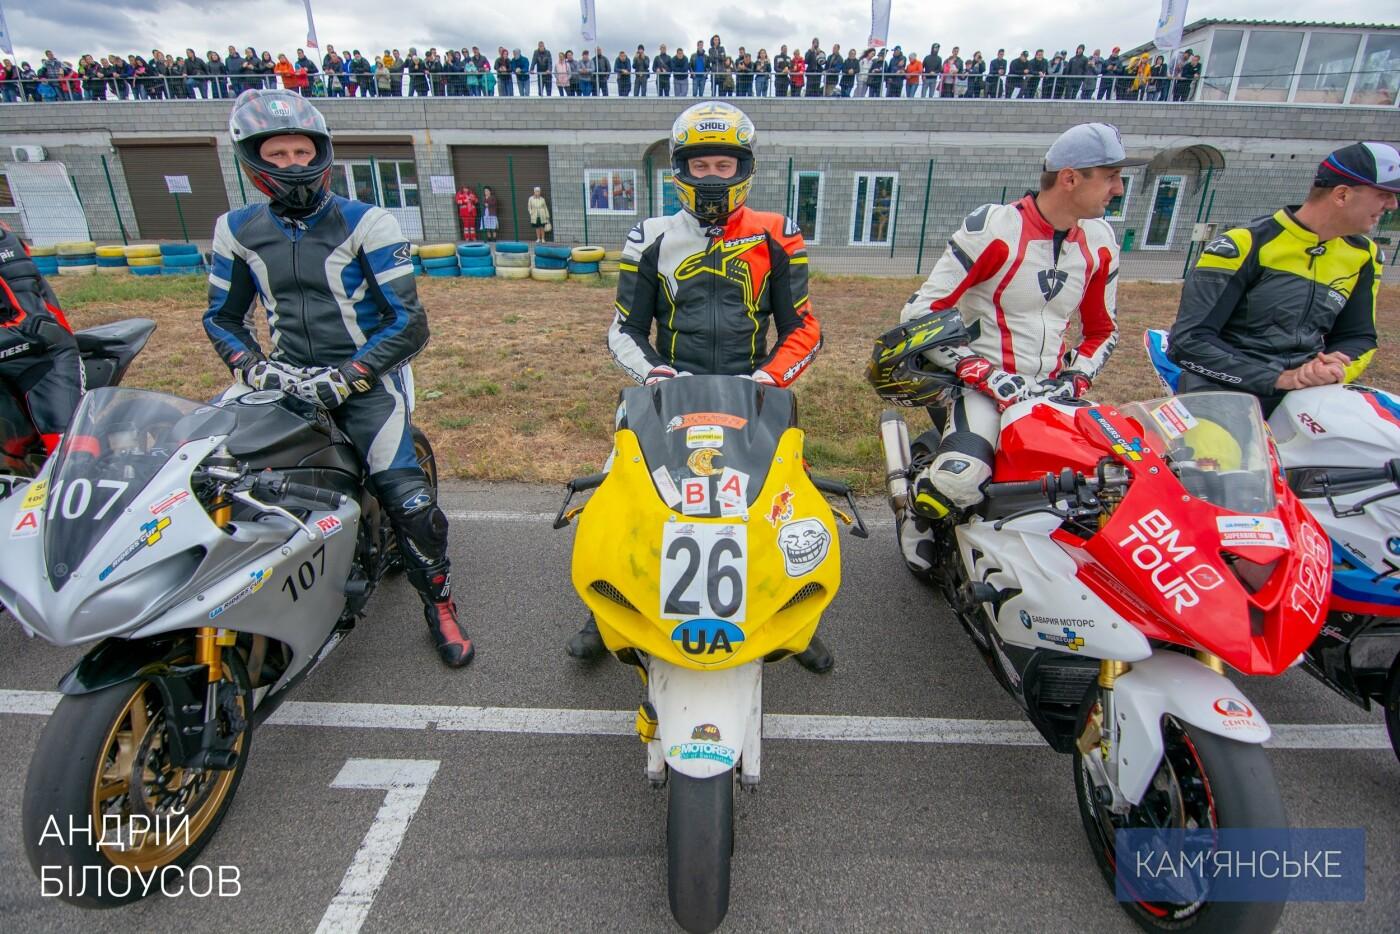 В Каменском прошел финал чемпионата по шоссейно-кольцевым гонкам - UA Riders CUP, фото-2